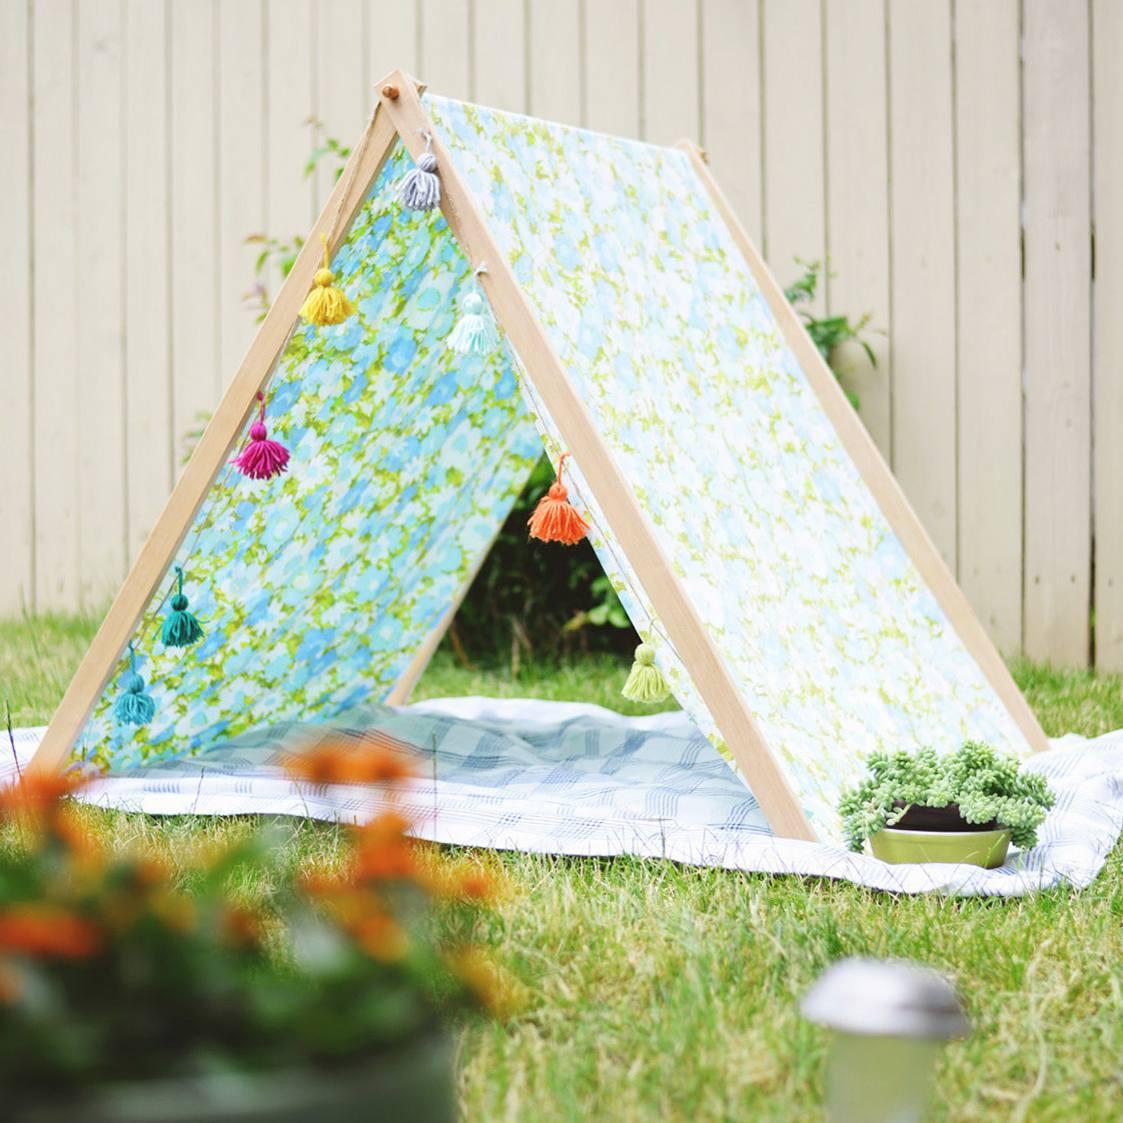 DIY fold-up tent